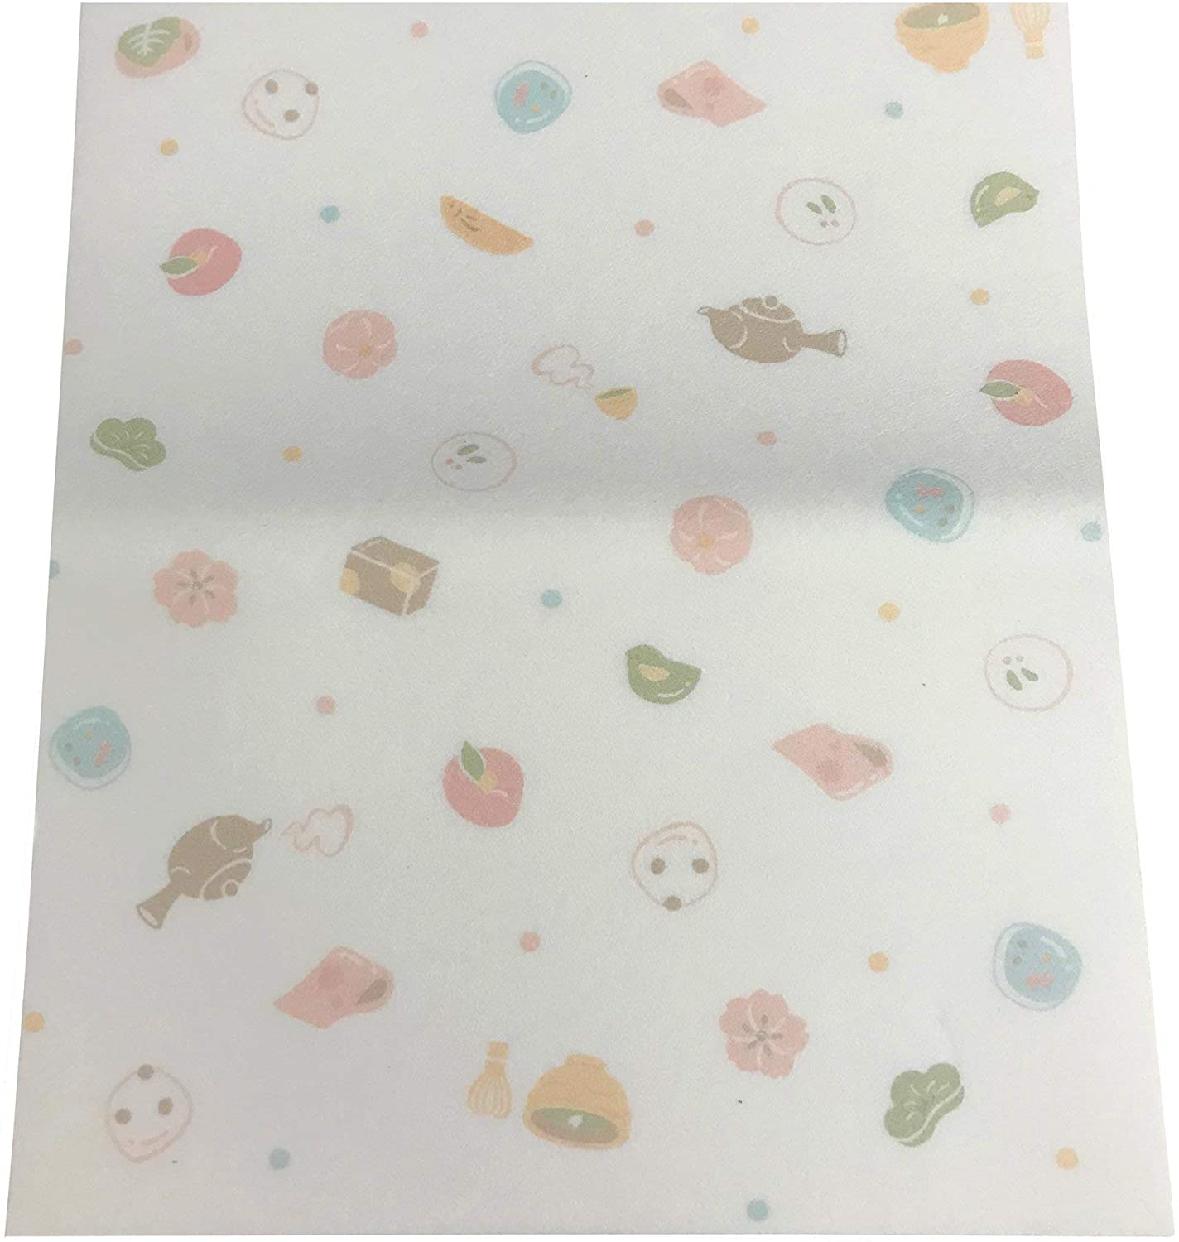 クロチク おしゃれ懐紙 和菓子 71709711 白の商品画像4